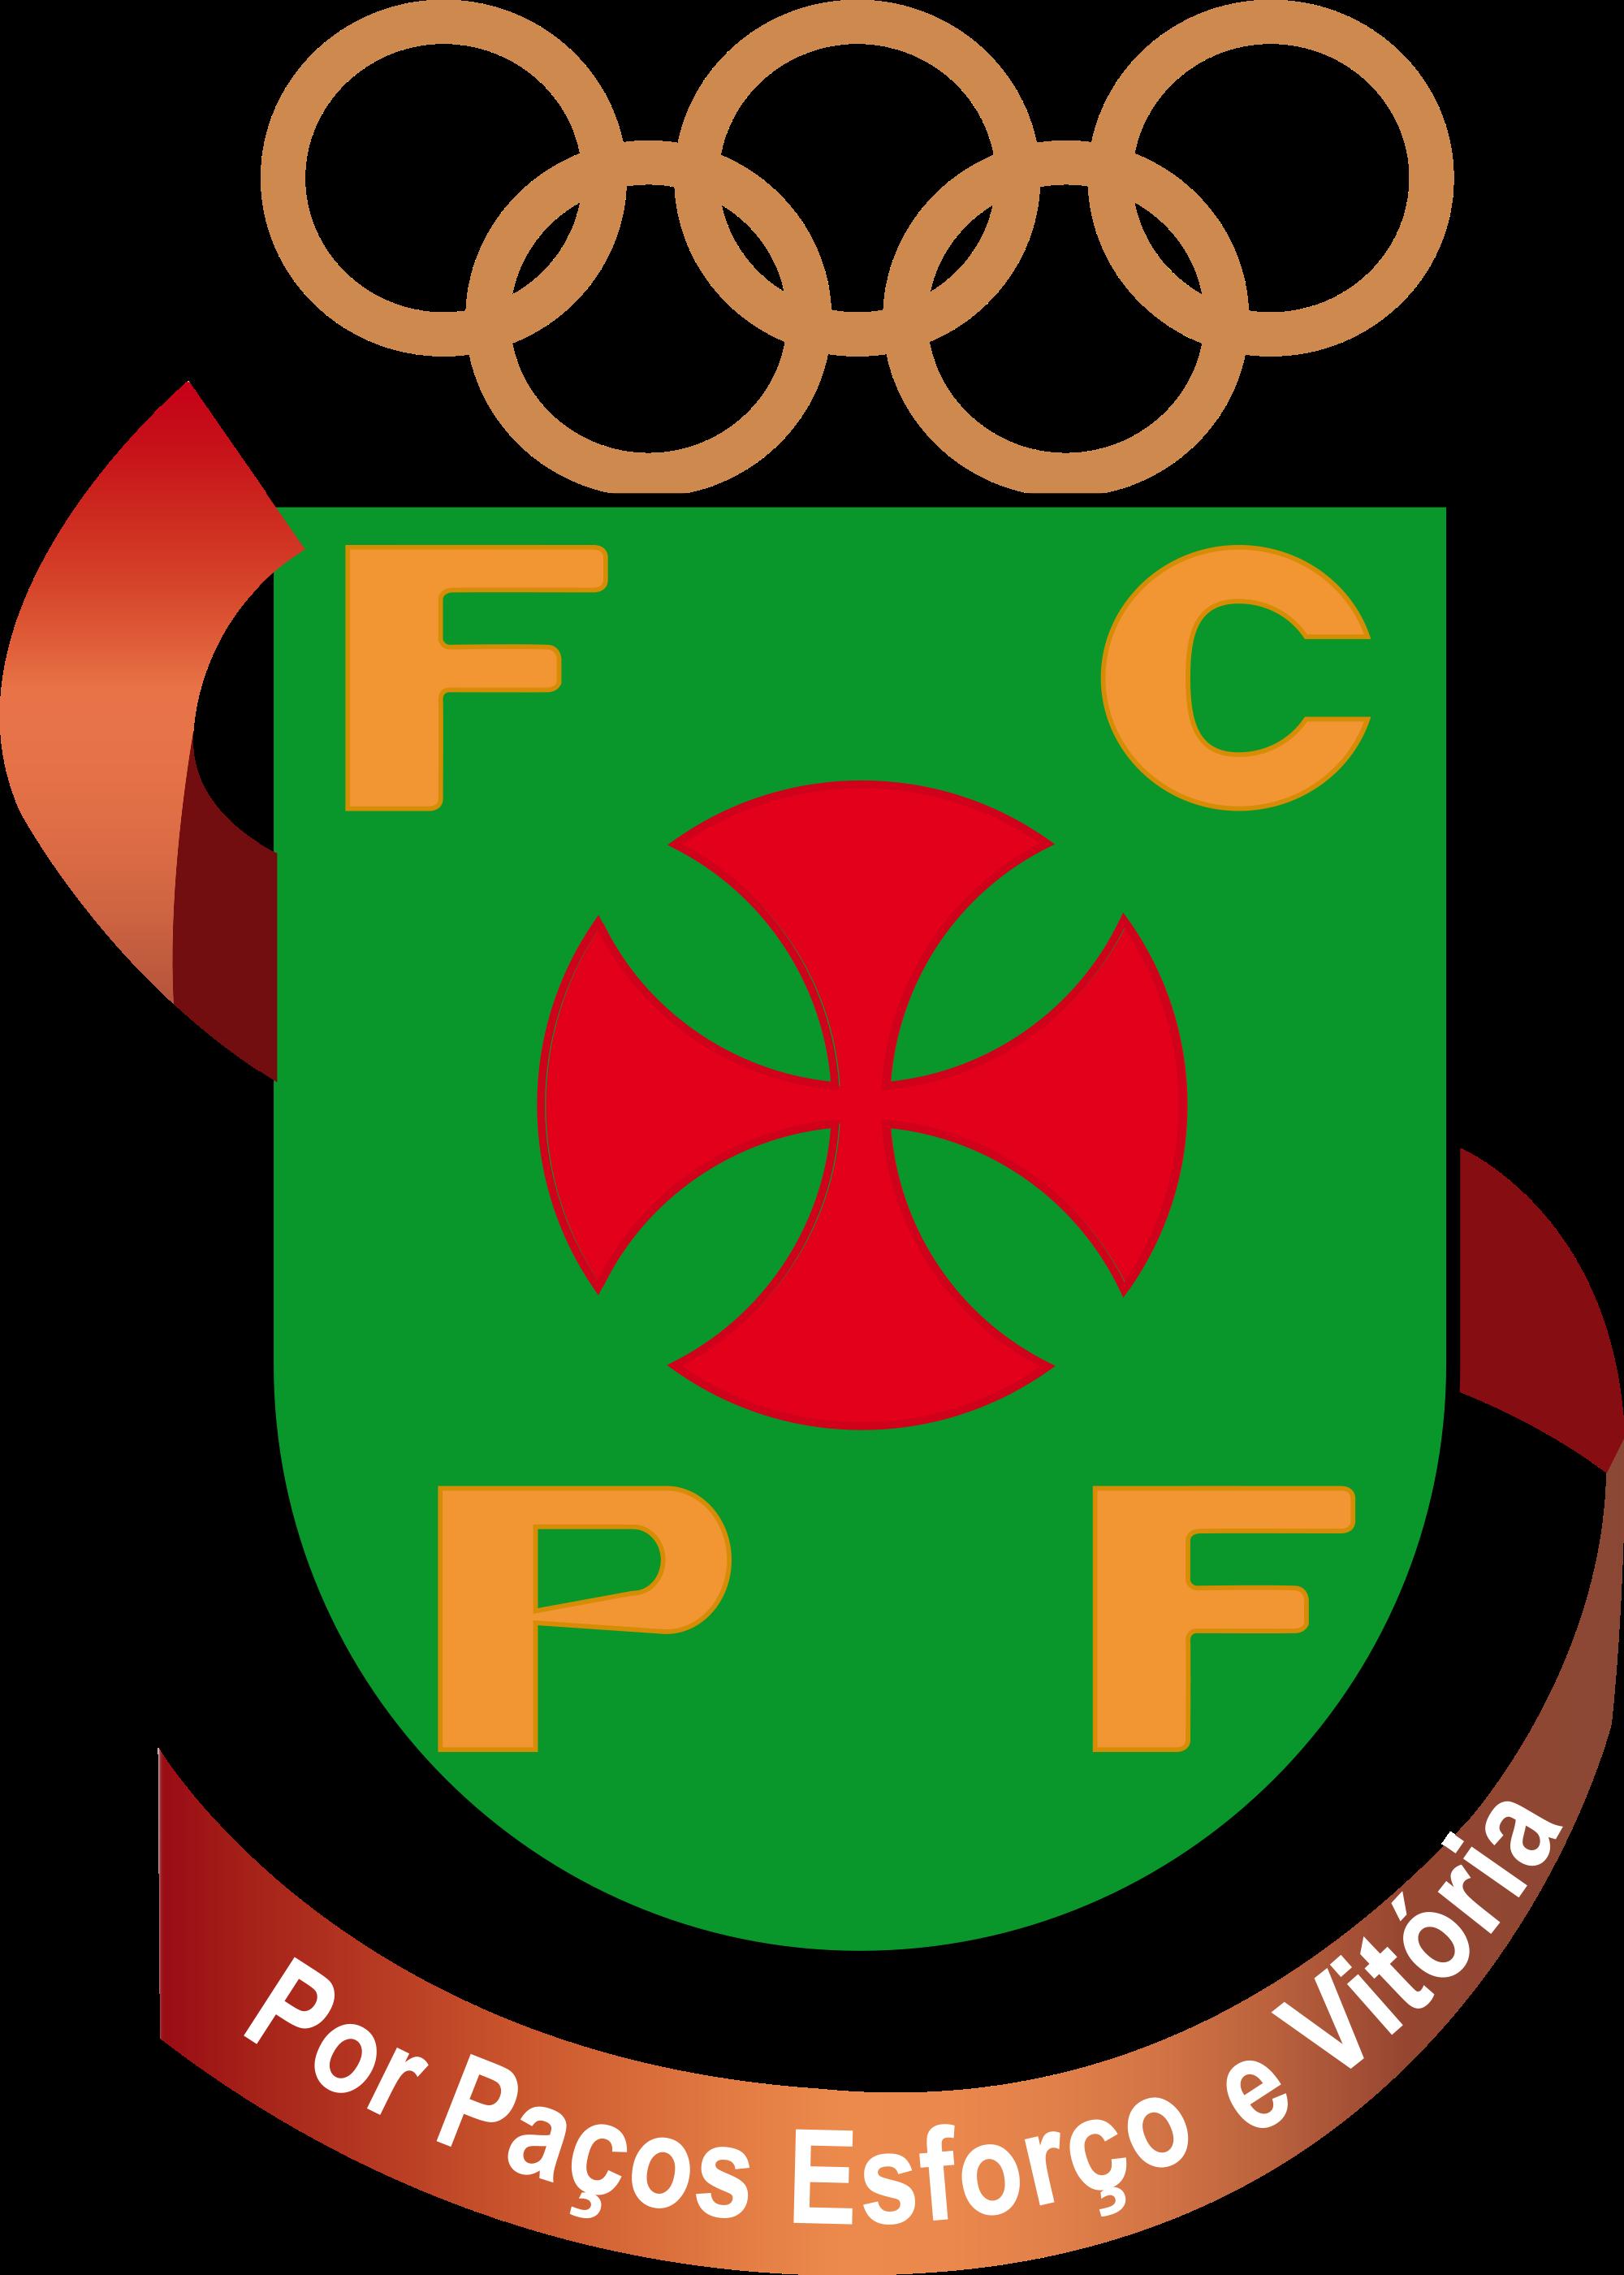 Paços de Ferreira Logo Primary Logo (2000-Pres) -  SportsLogos.Net